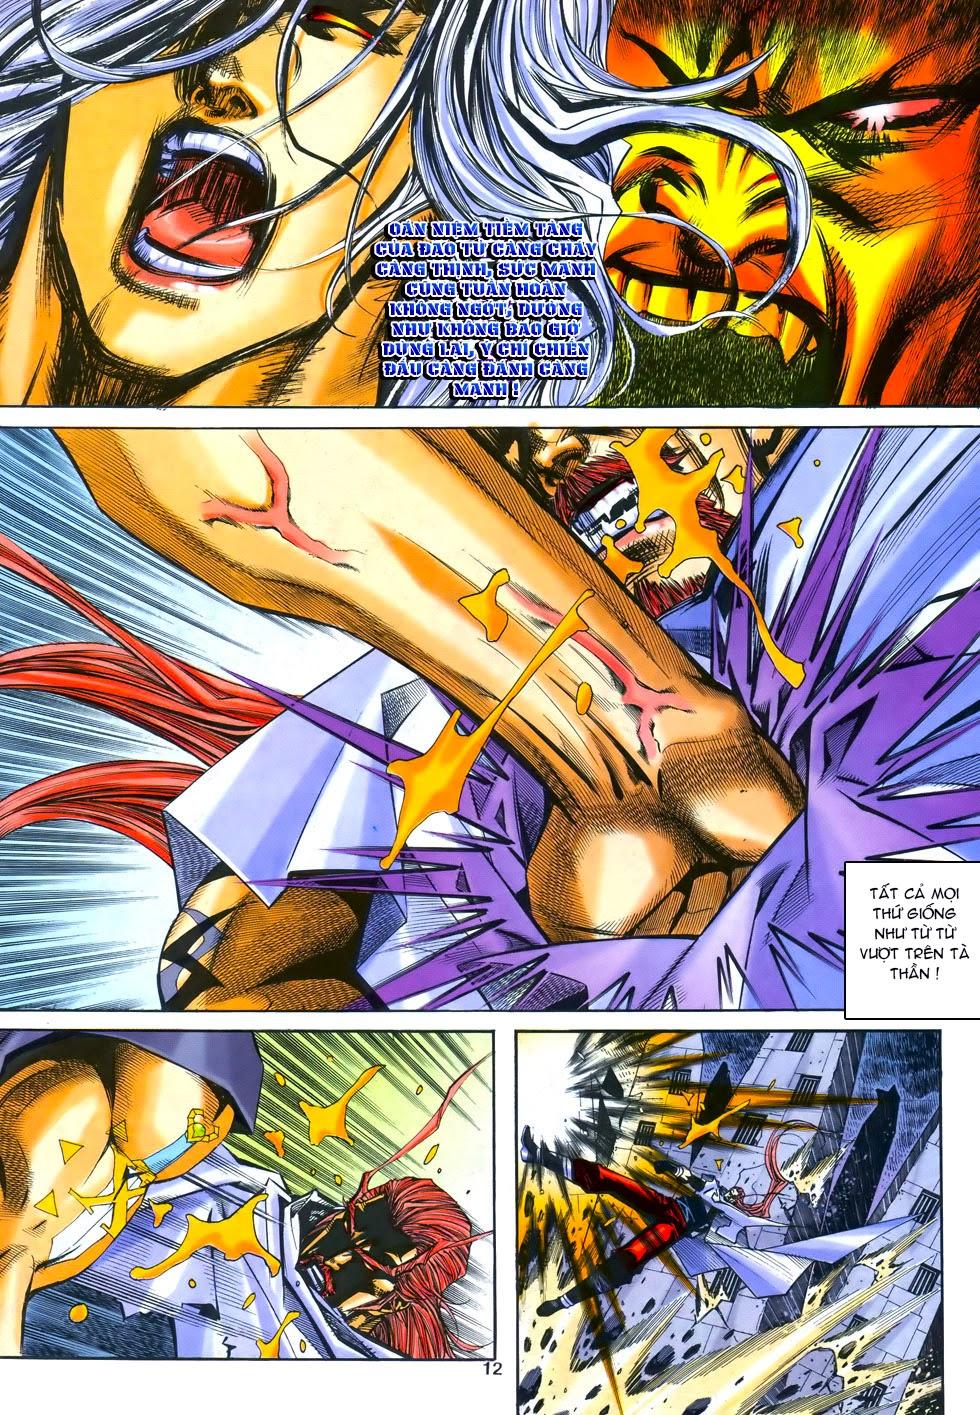 X Bạo Tộc chap 69 - Trang 12